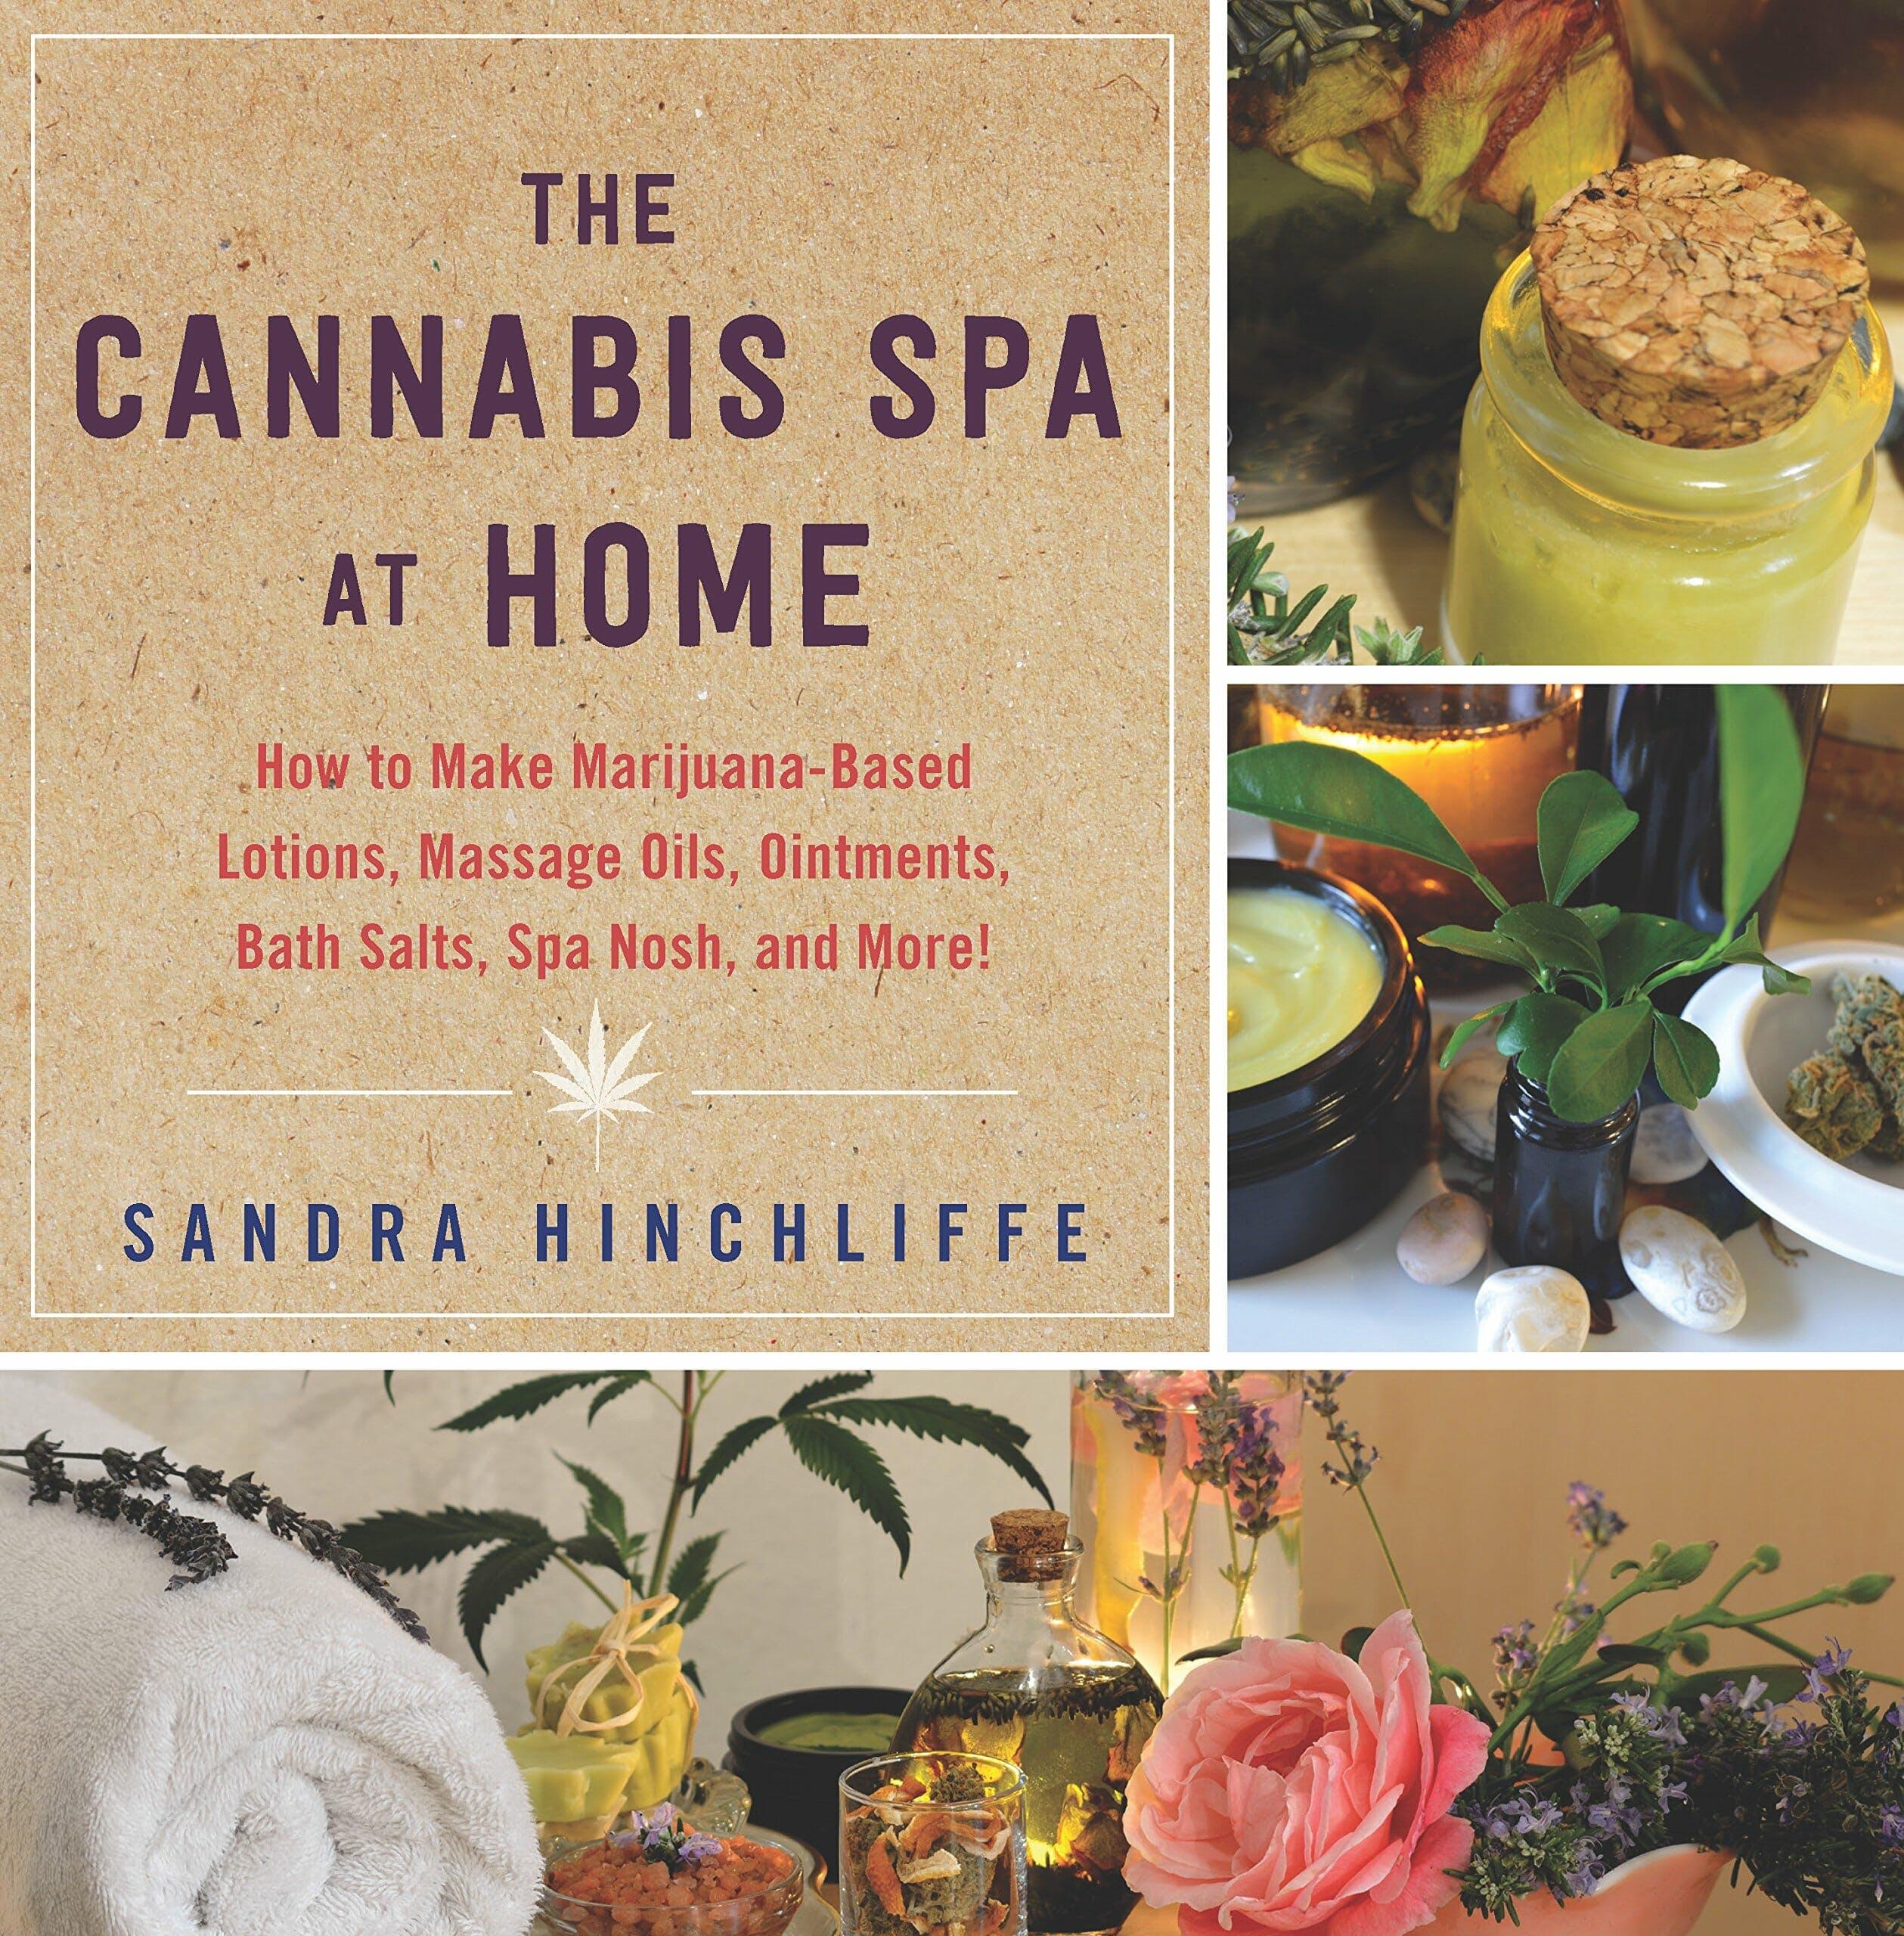 Canabis spa book